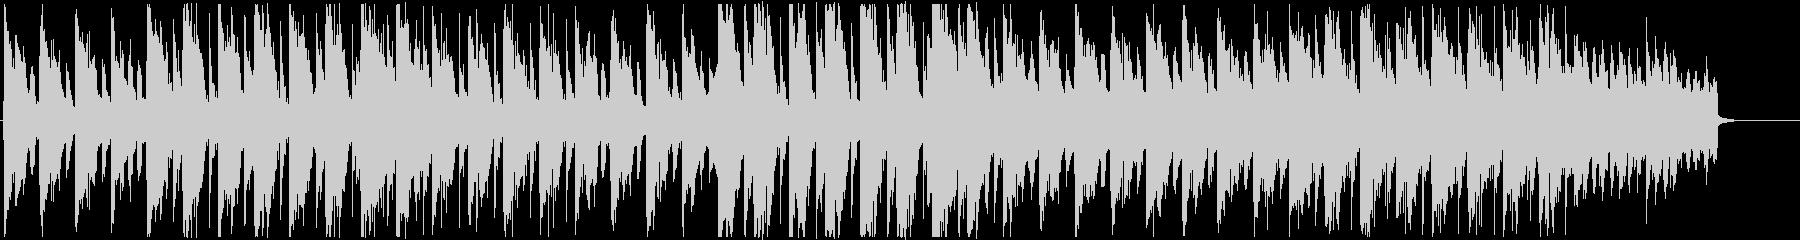 おしゃれで雰囲気のあるハウス風BGMの未再生の波形